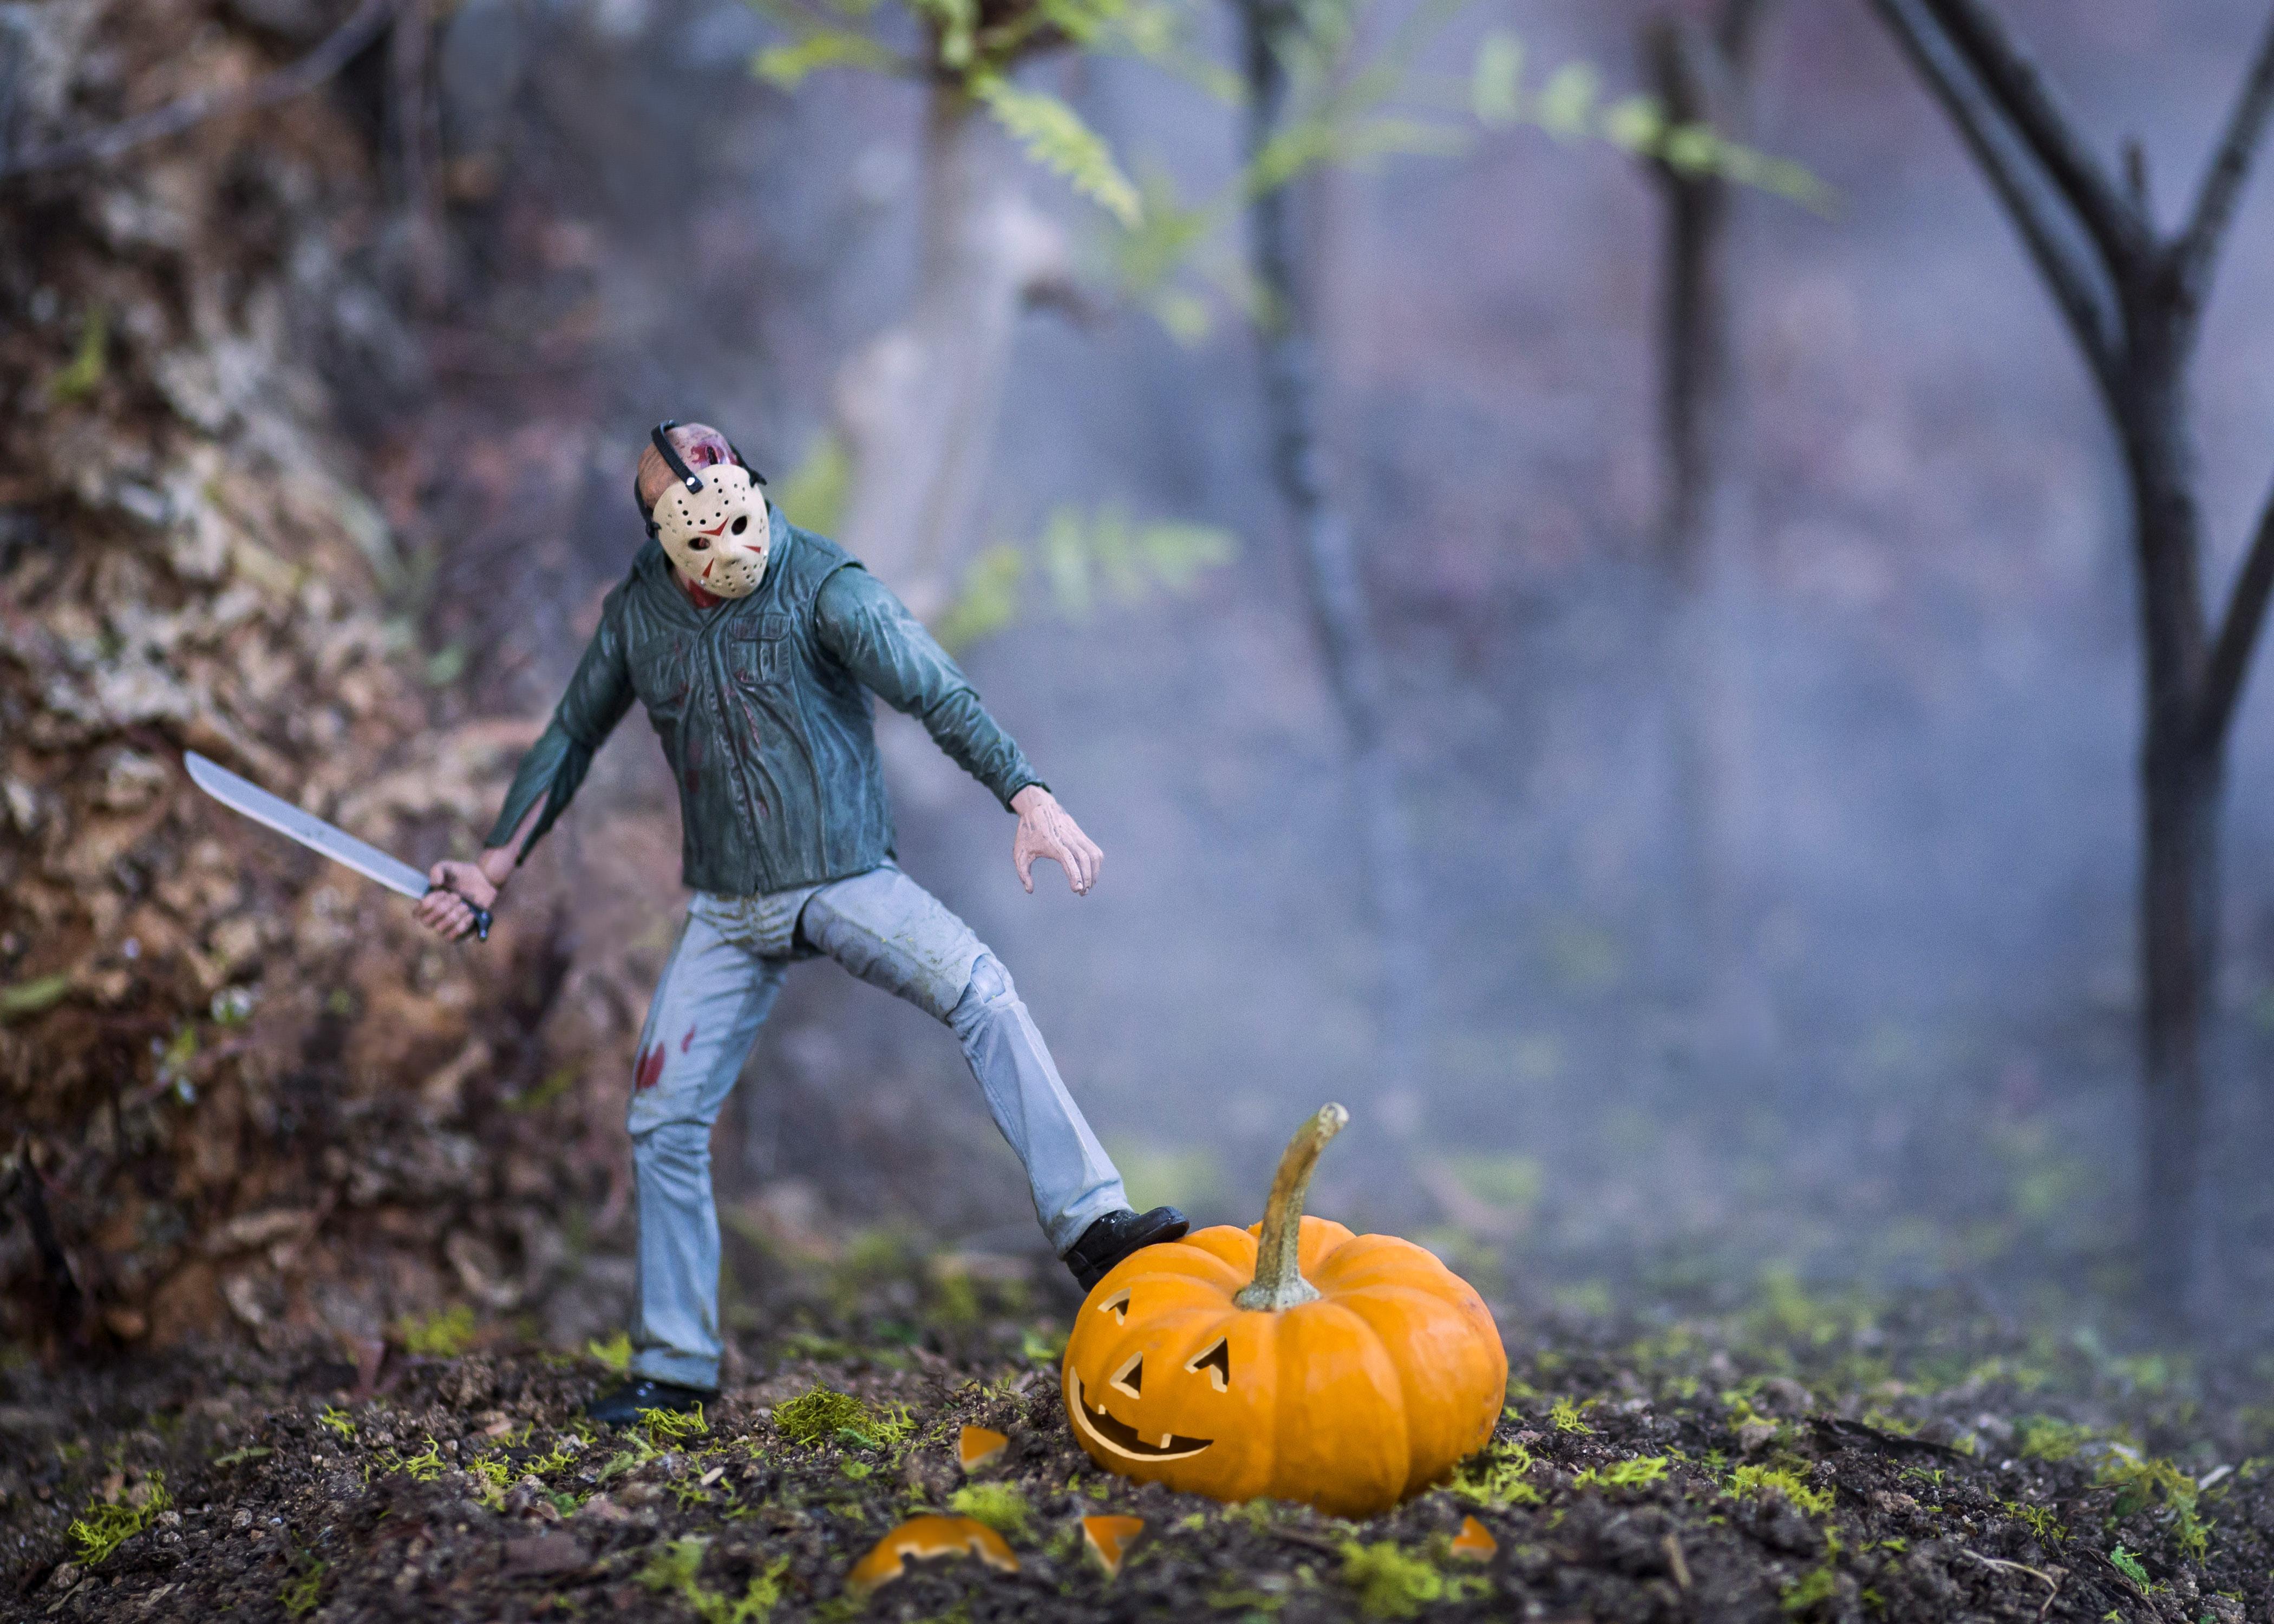 Jason Carving Pumpkin Halloween manfrotto